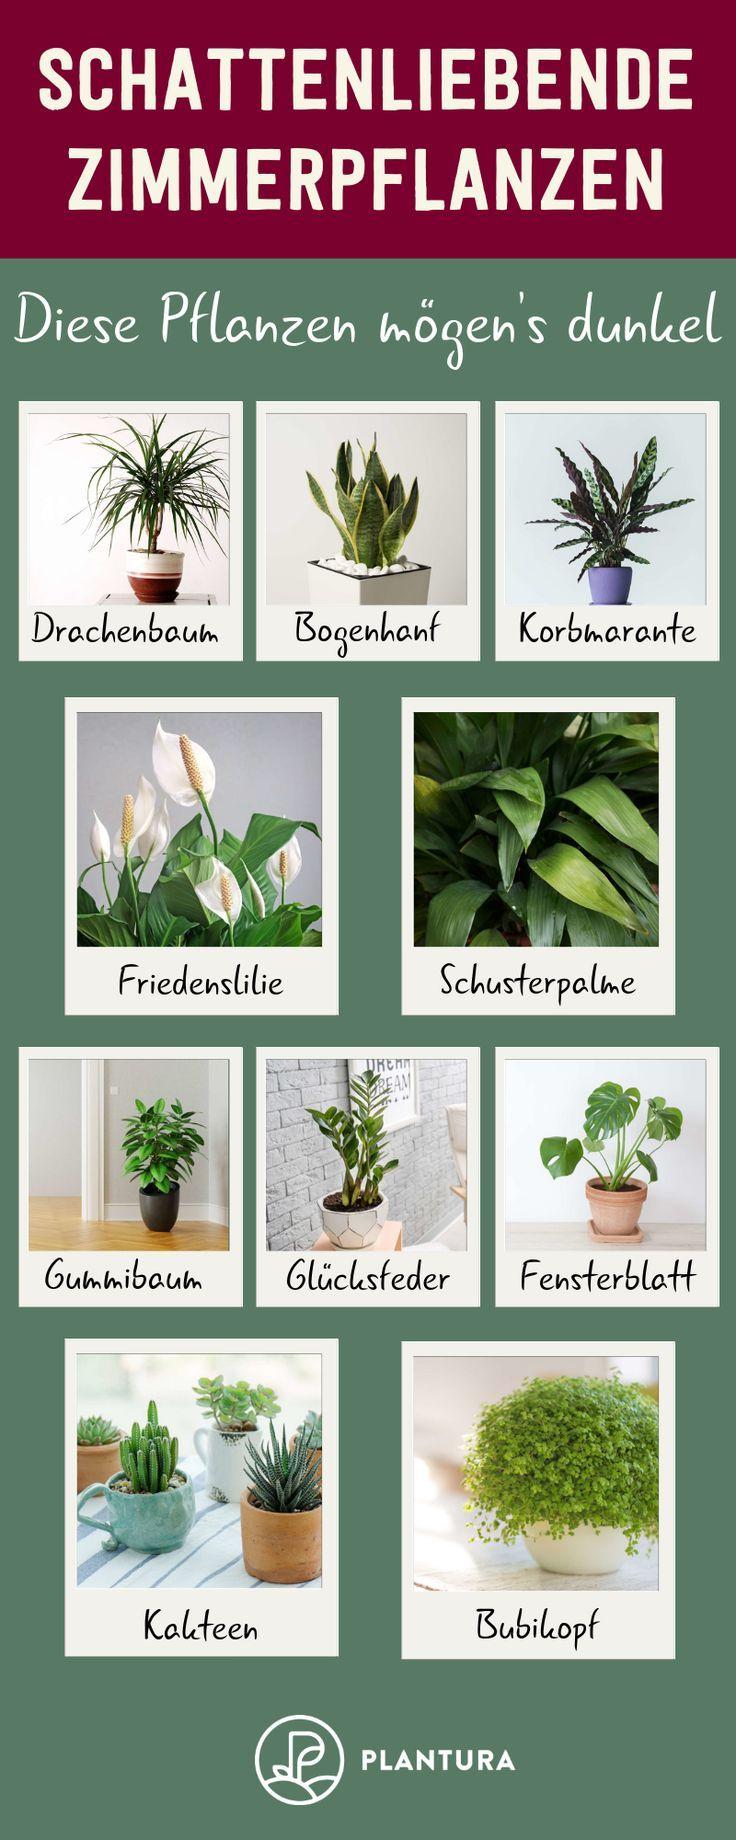 Schattenliebende Zimmerpflanzen – Diese Pflanzen mögen's dunkel: Wir zeigen Euc